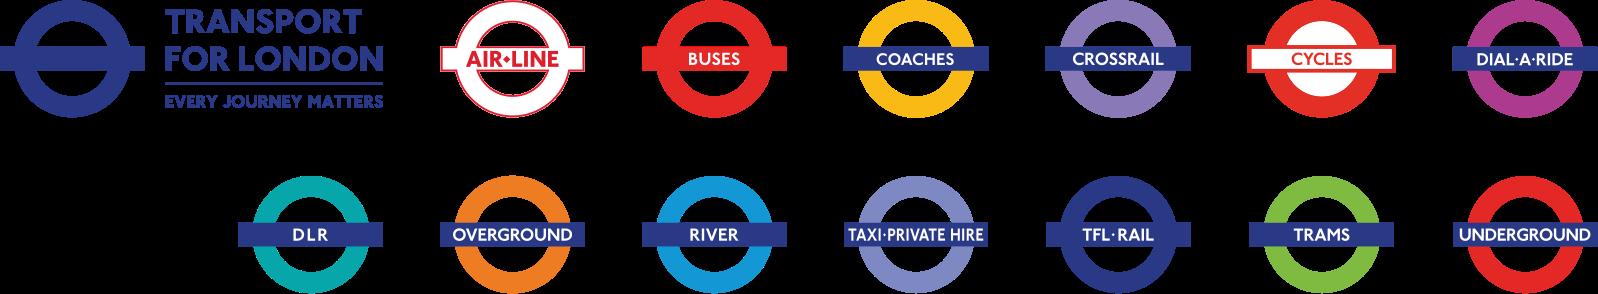 倫敦交通 倫敦11種交通工具全攻略-倫敦的交通符號logo